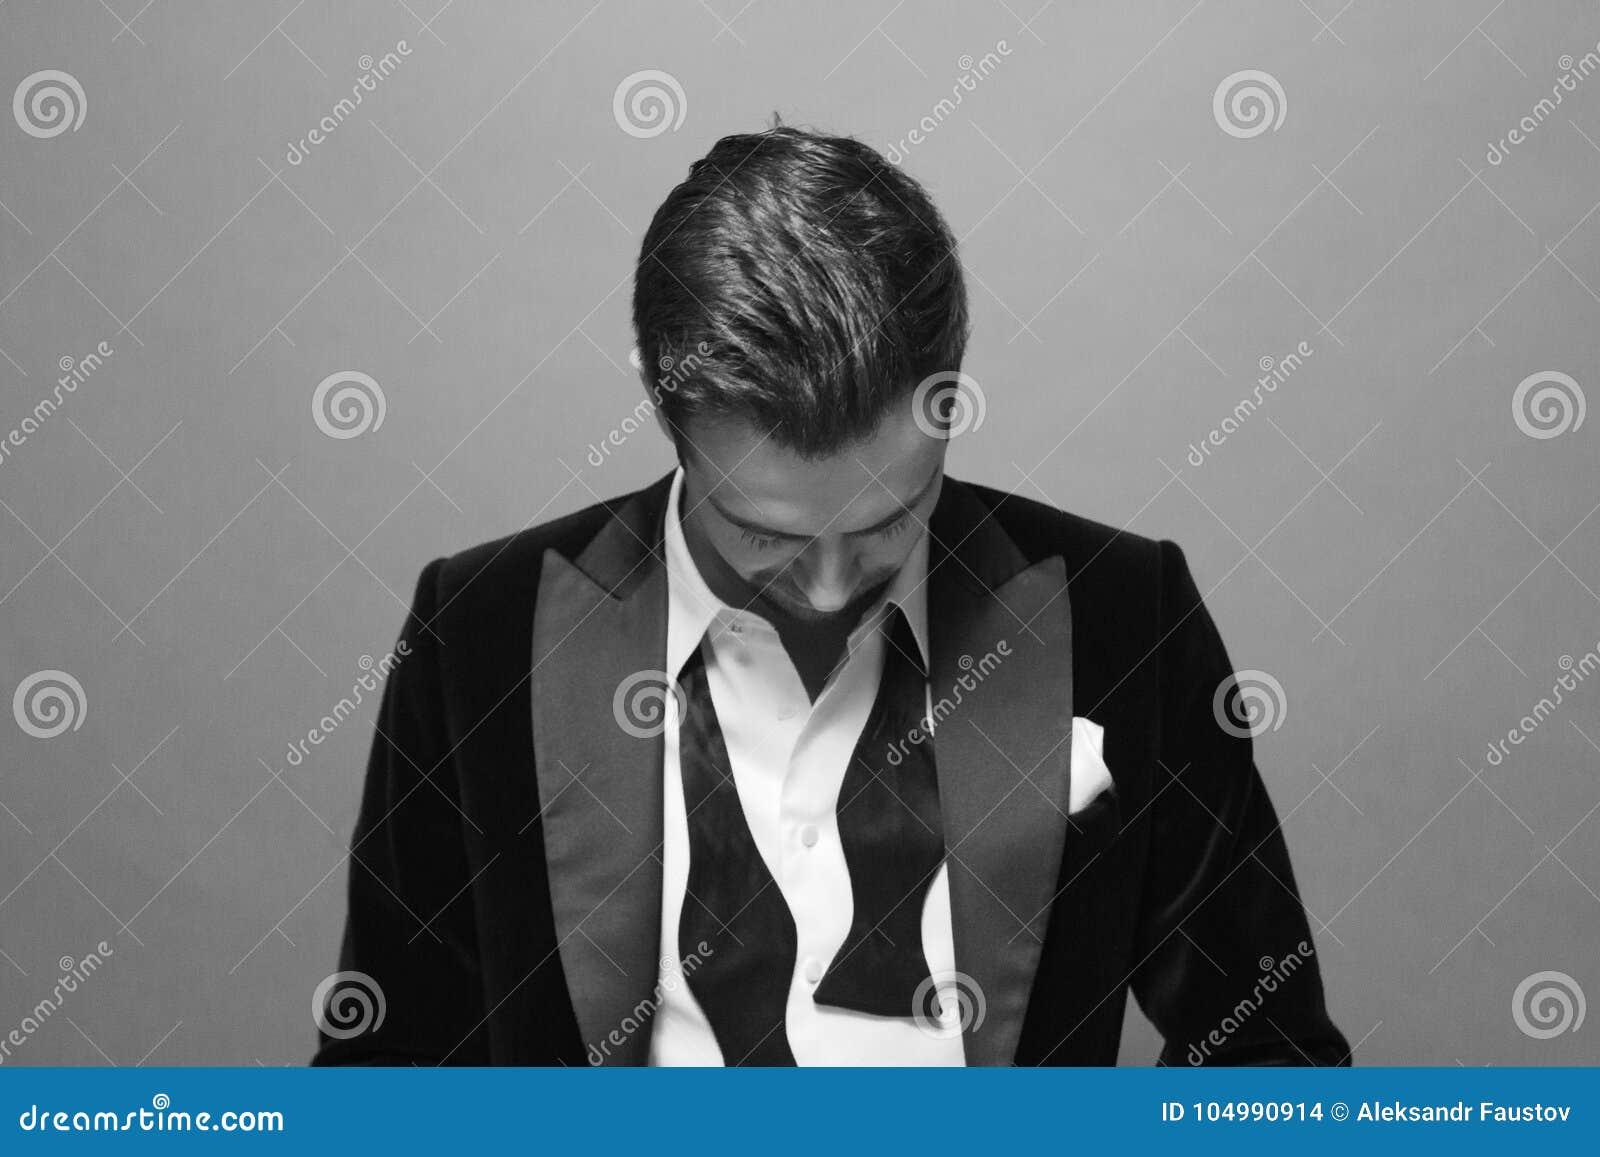 Svartvit stående av en man i uppknäppta knappar för en dräkt, fluga- och skjorta